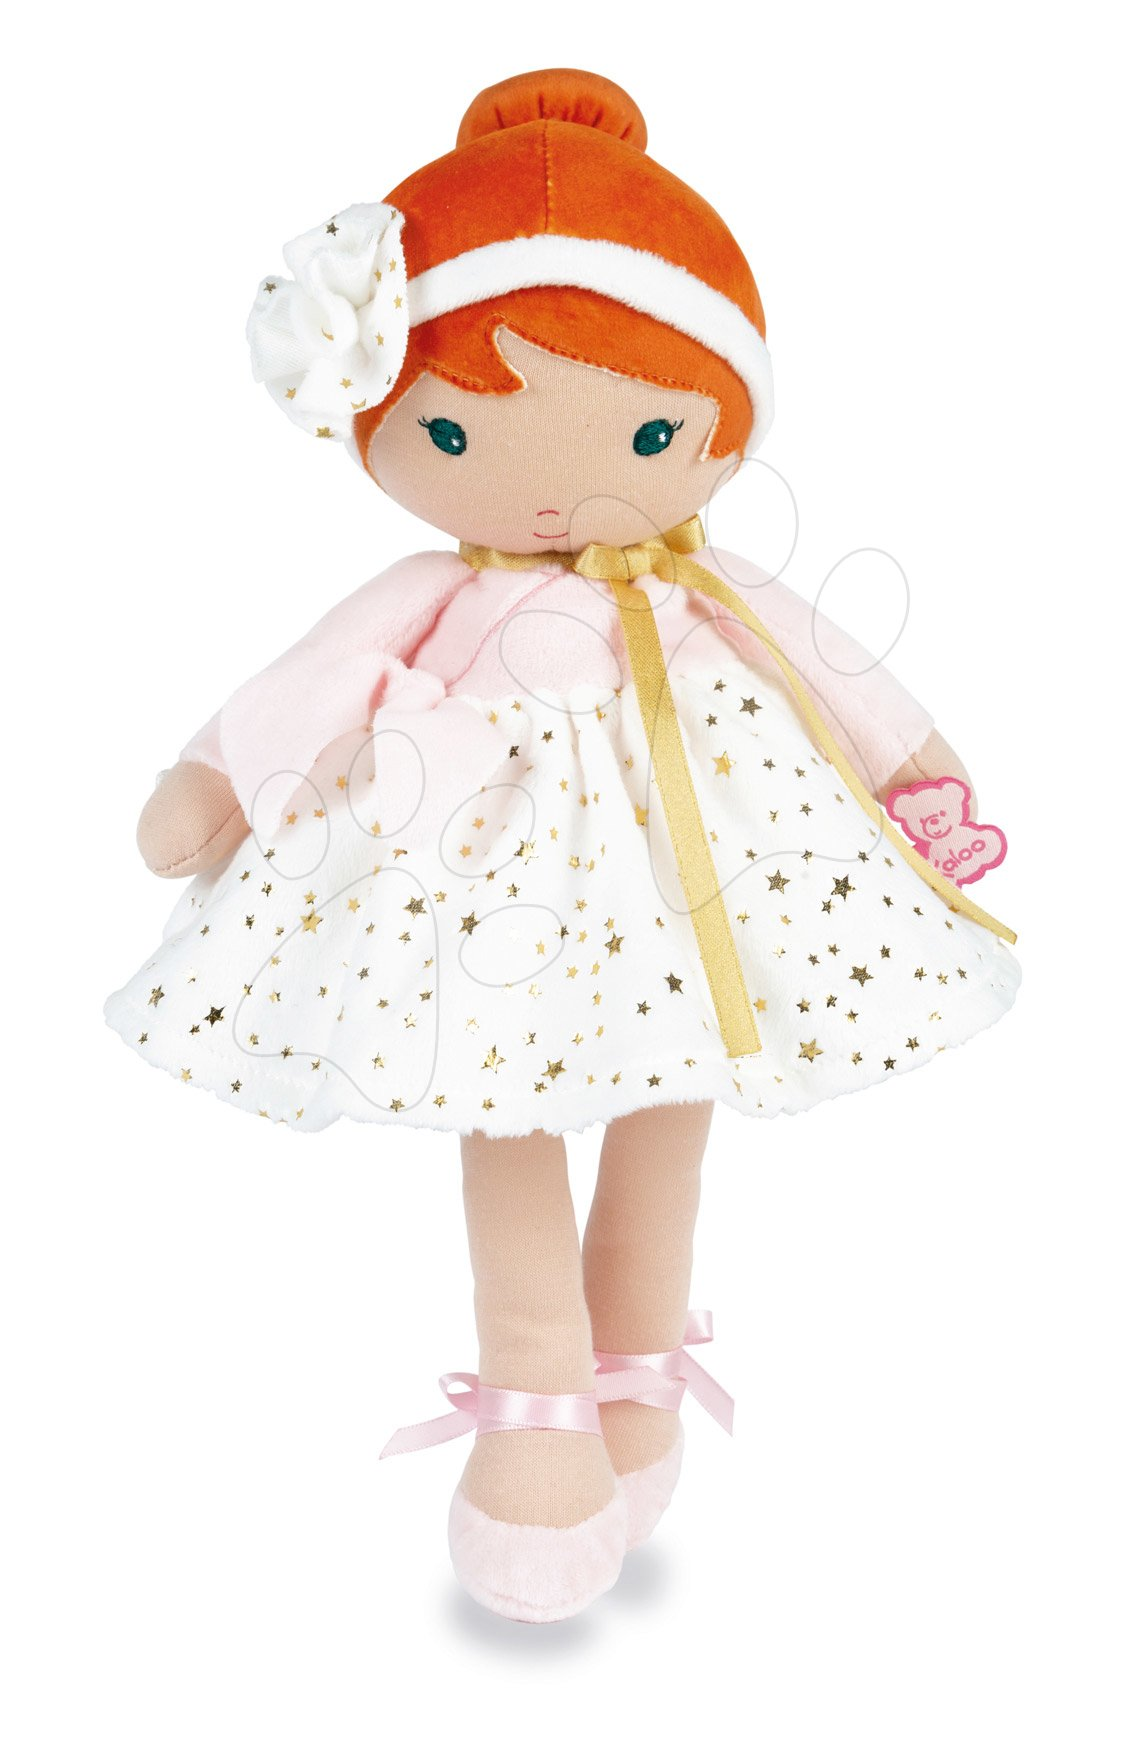 Panenka pro miminka Valentine K Doll Tendresse Kaloo 32 cm ve hvězdičkových šatech z jemného textilu v dárkovém balení od 0 měsíců